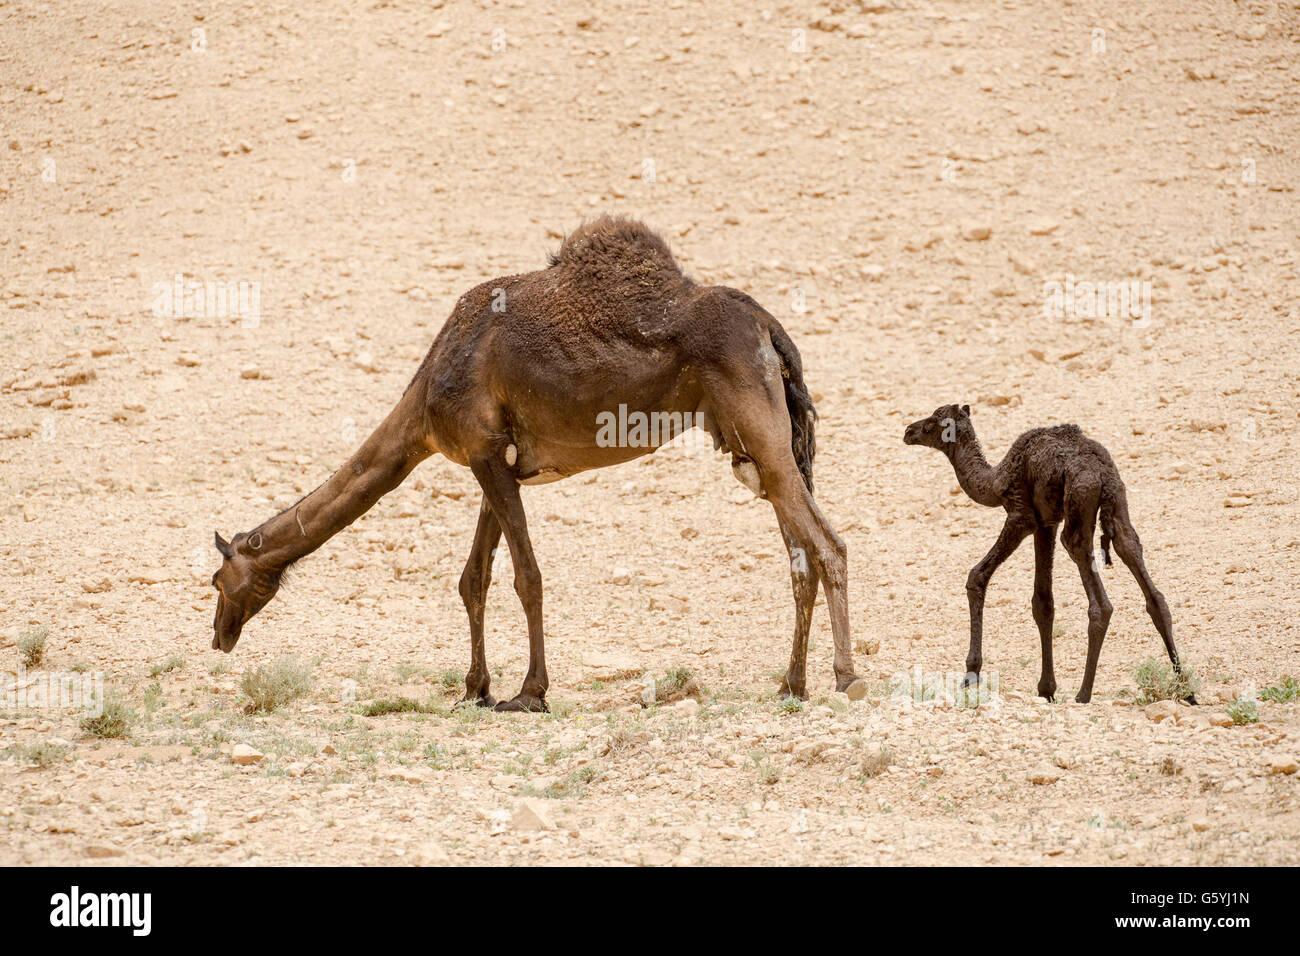 vertraue auf gott aber binde dein kamel an